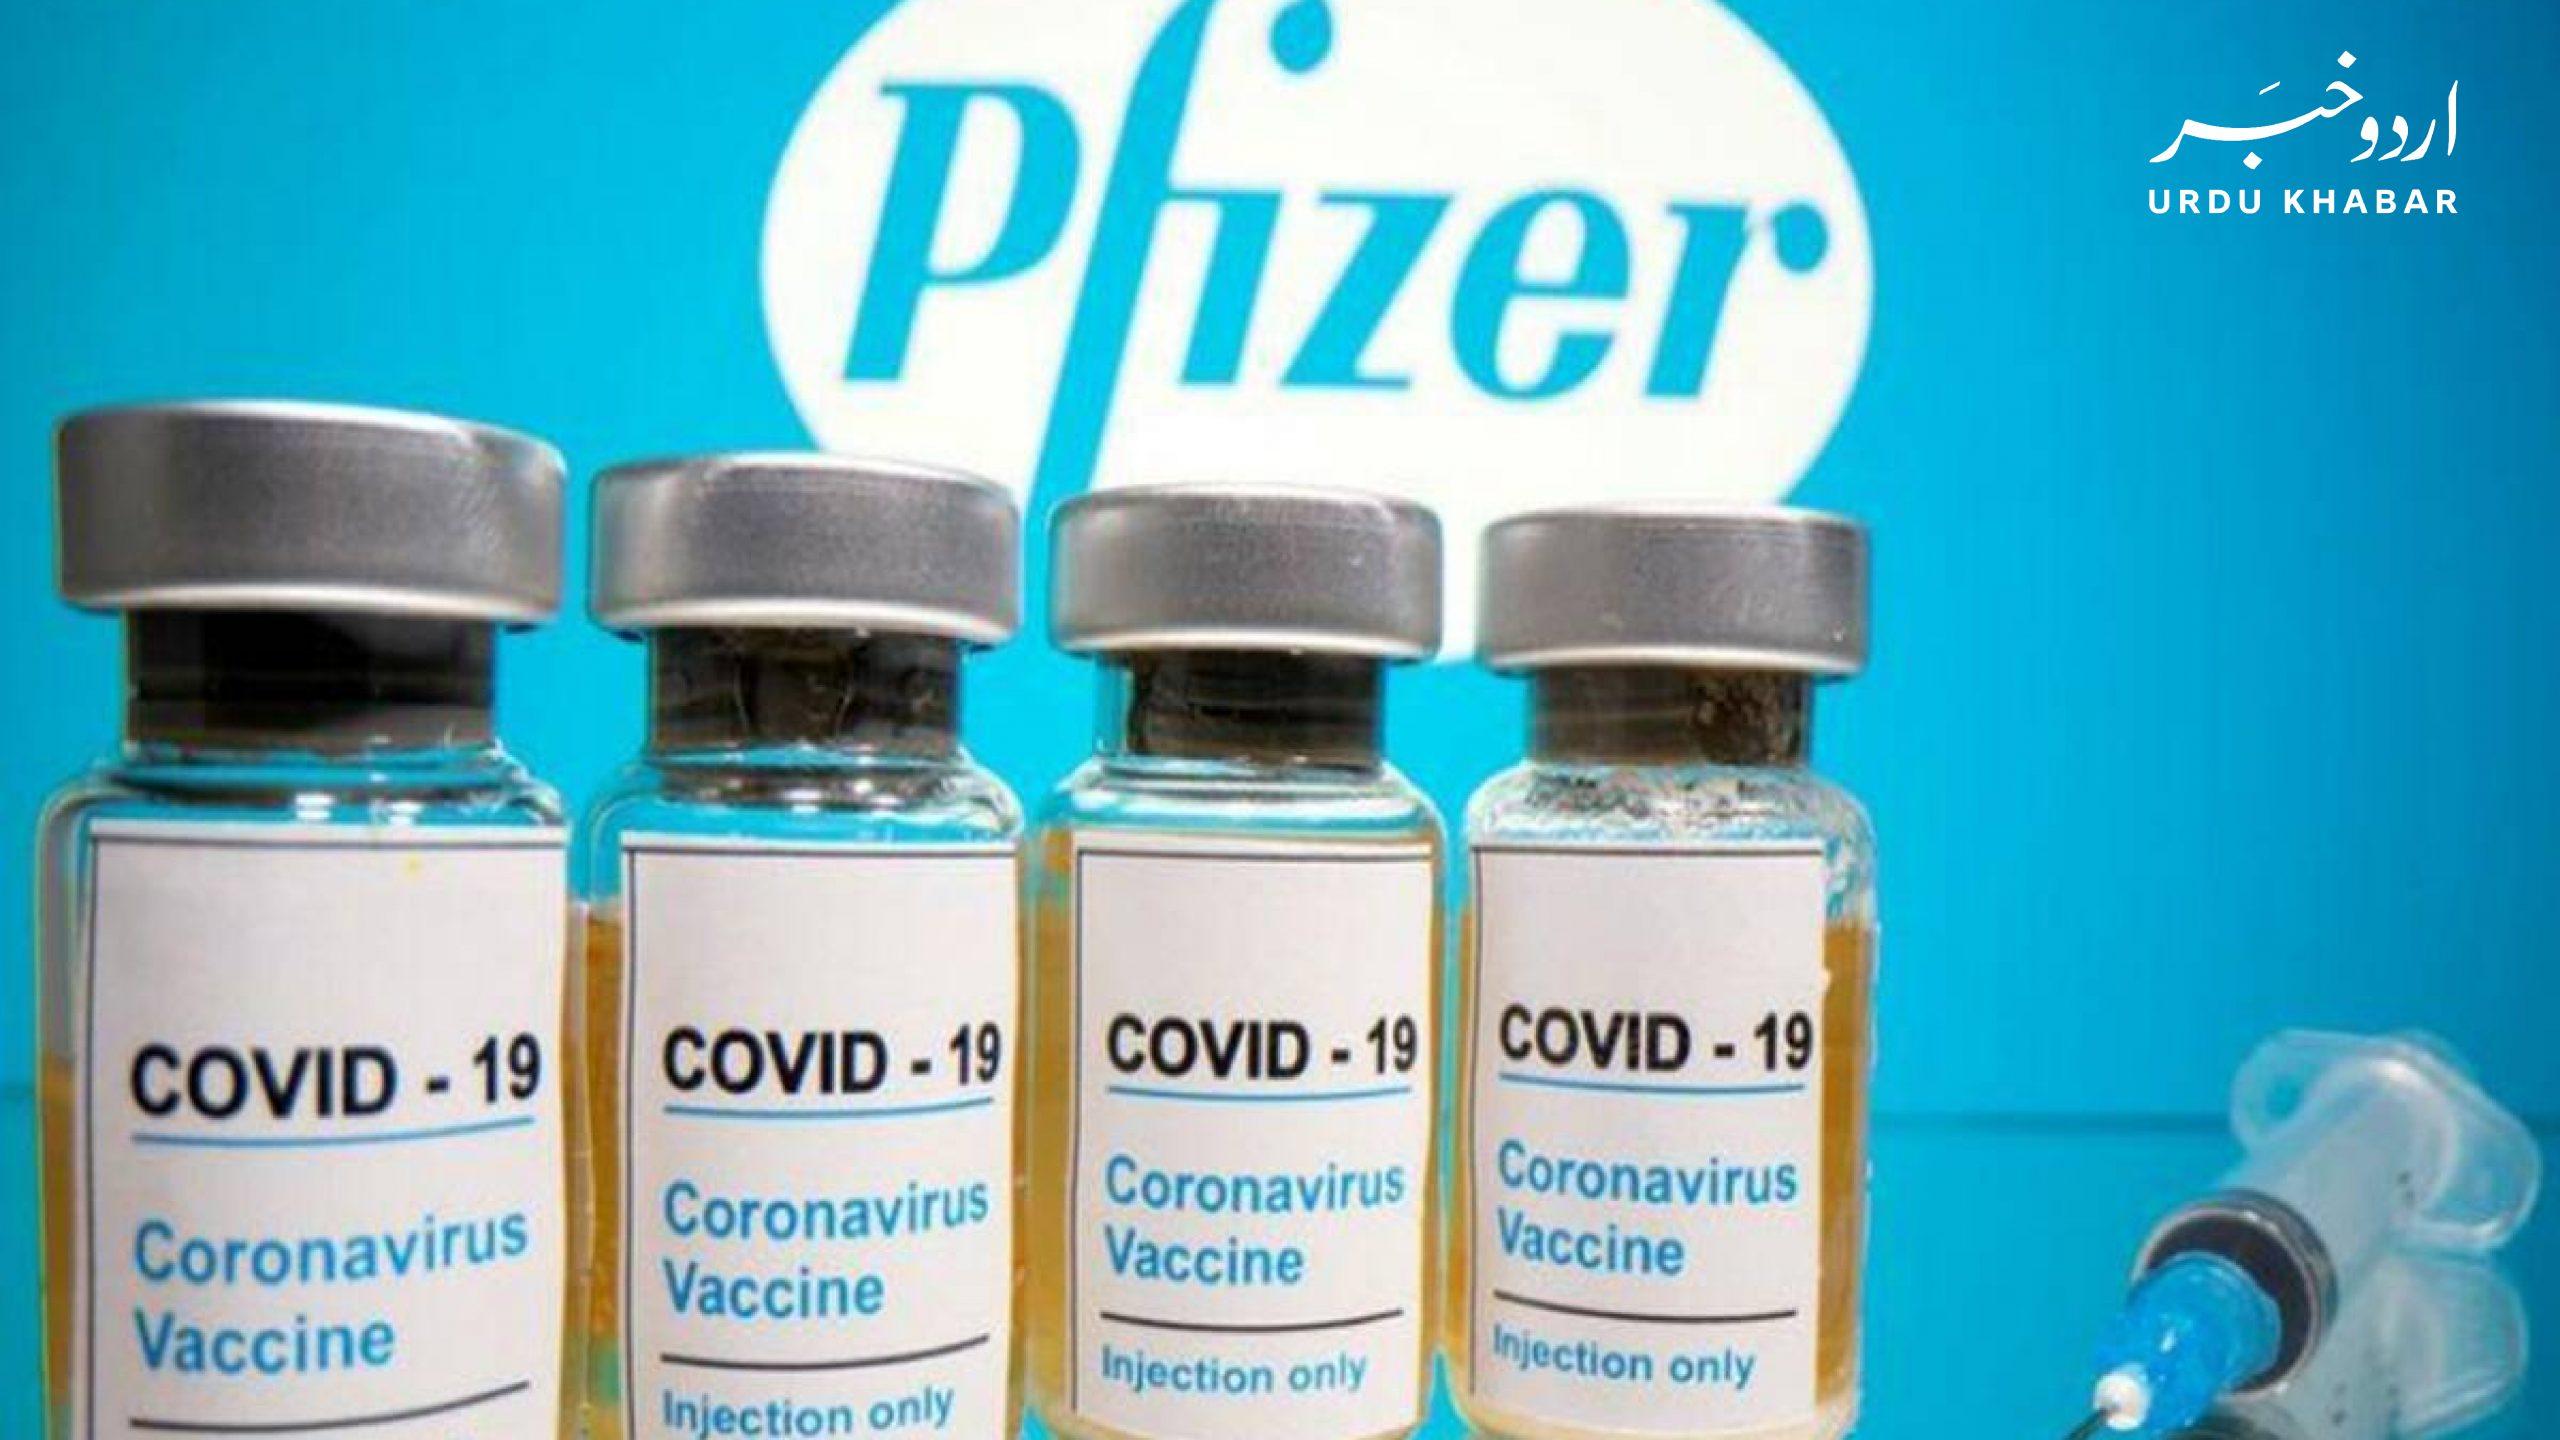 پاکستان میں کورونا ویکسن لگوانے کا کیا طریقہ کار ہے؟ جانئے مکمل معلومات